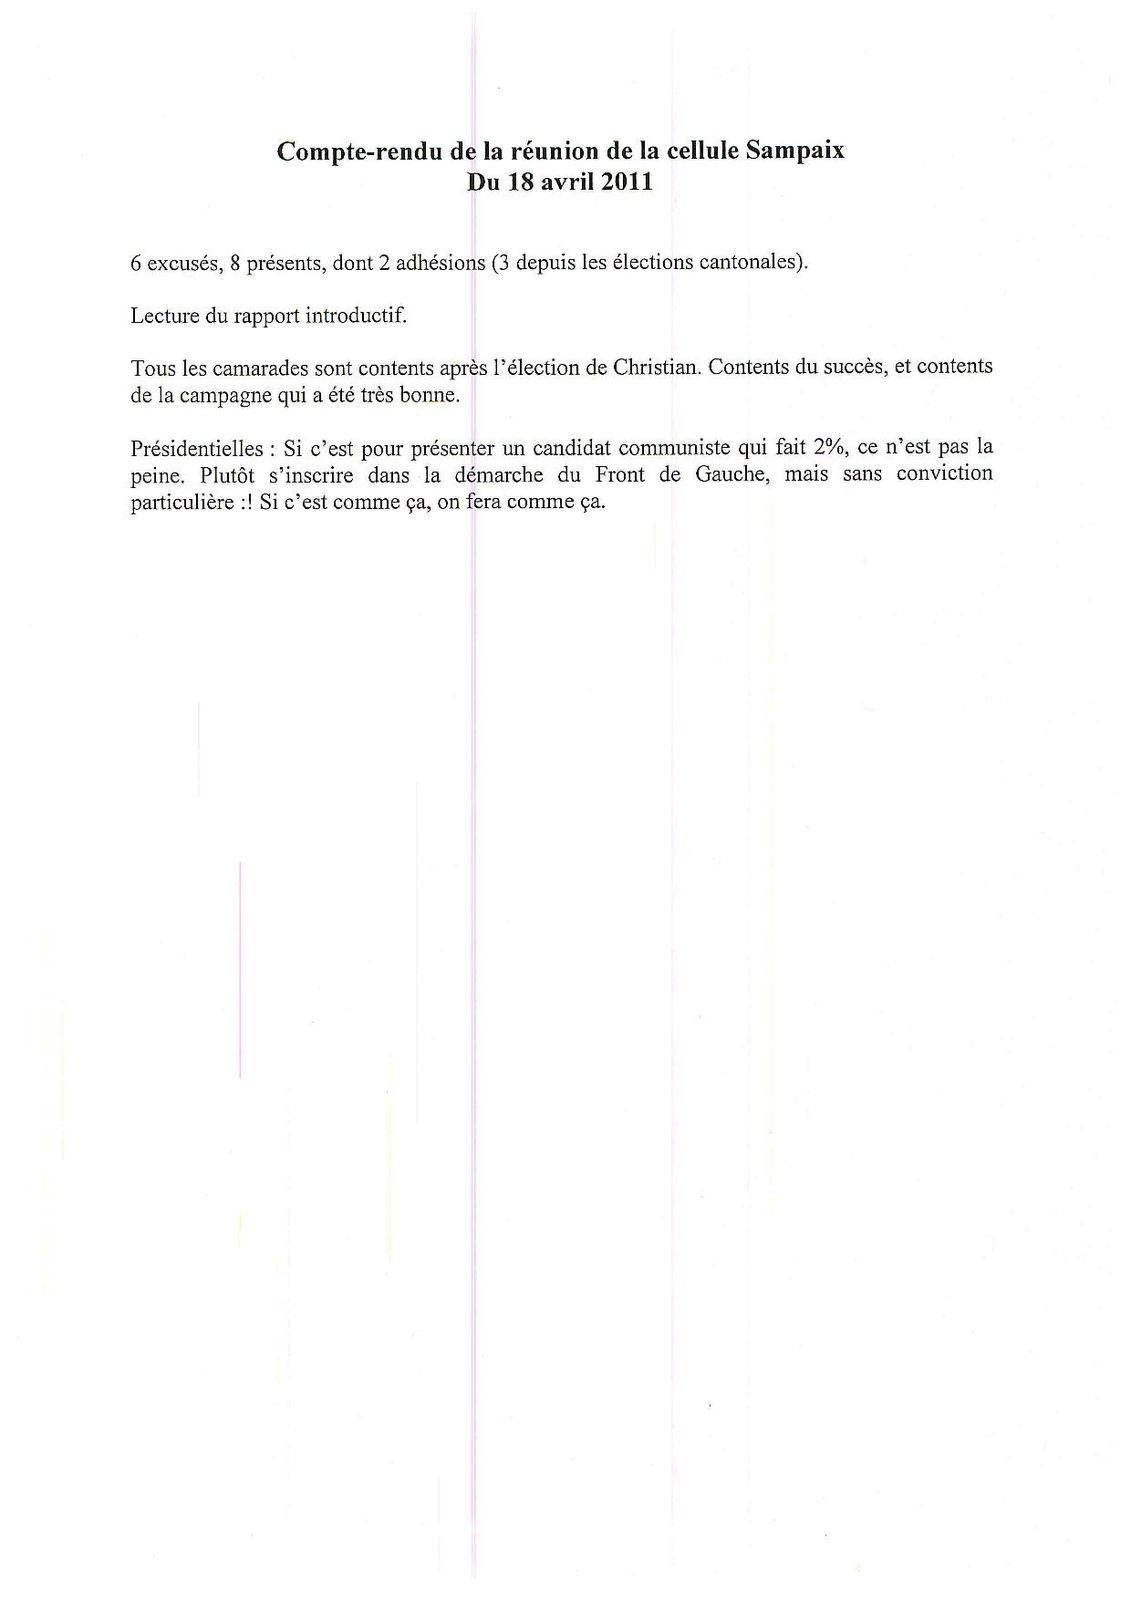 doc cba du 19 avril 2011-2